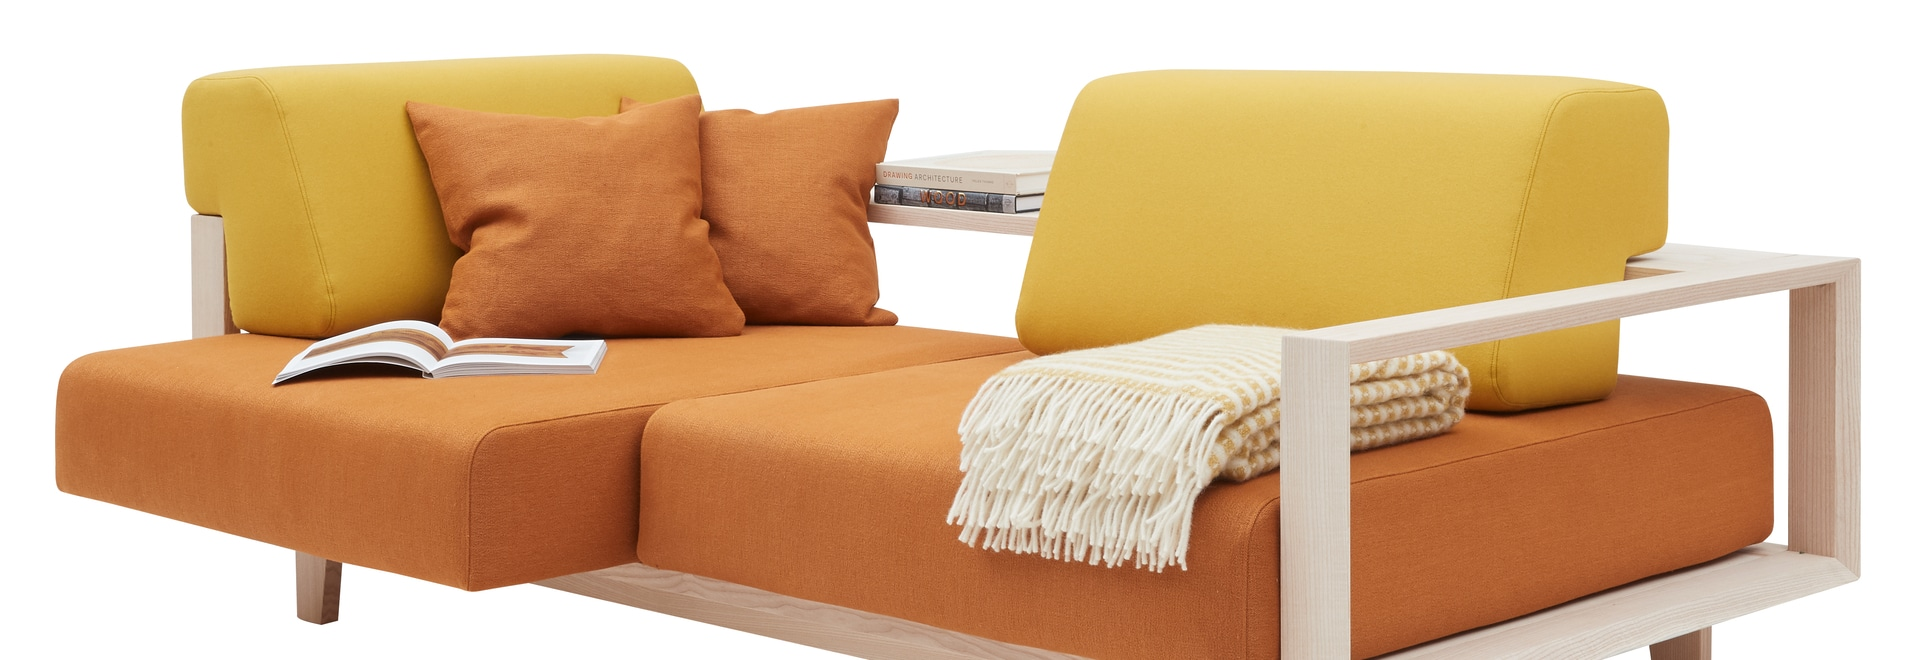 Il nuovo divano creativo WOOD